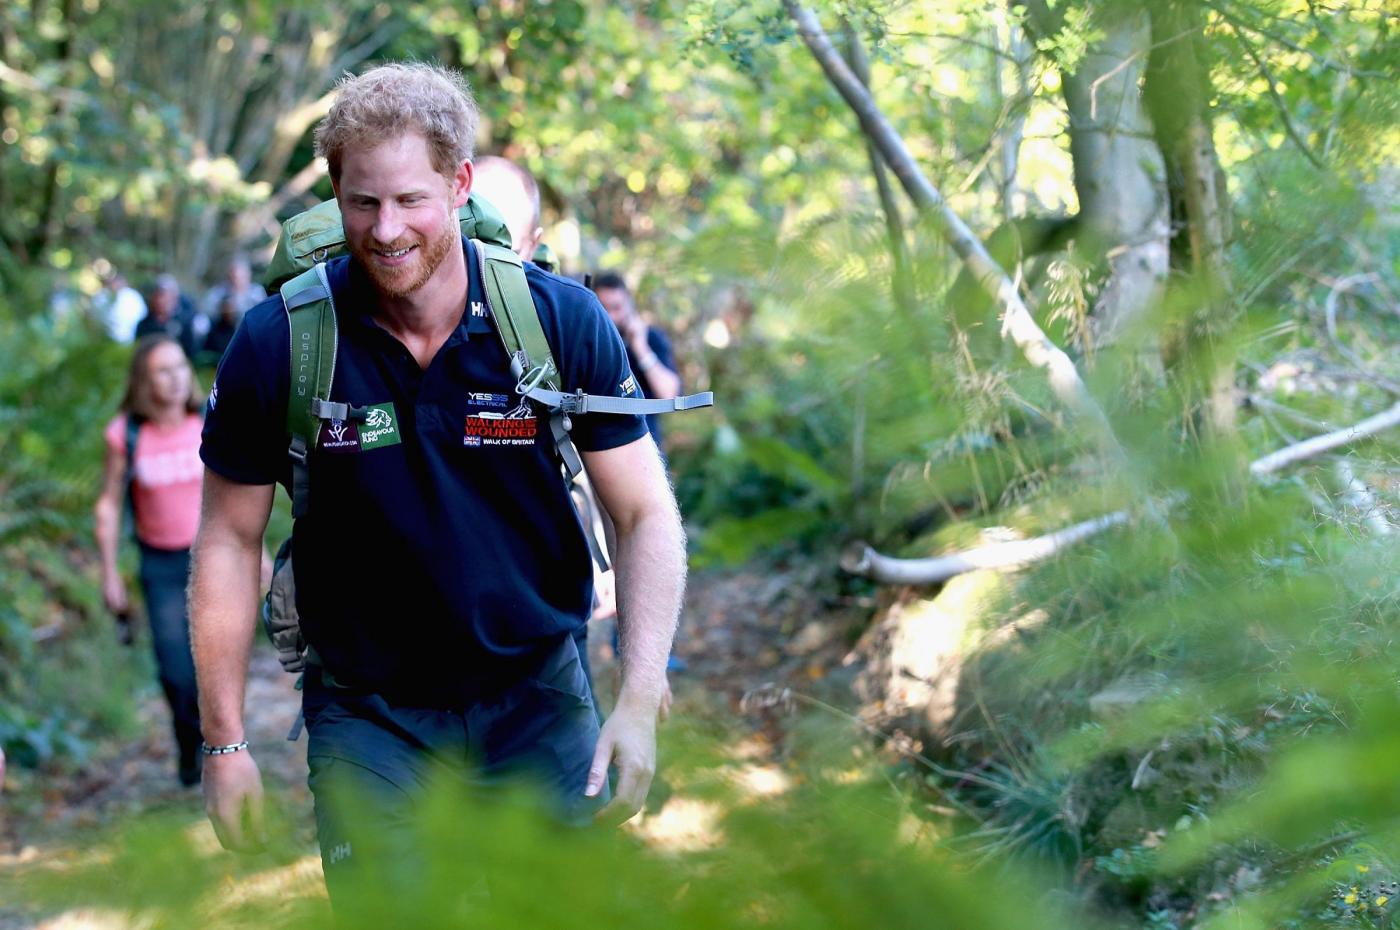 Harry in marcia con i reduci: barba incolta, look sportivo